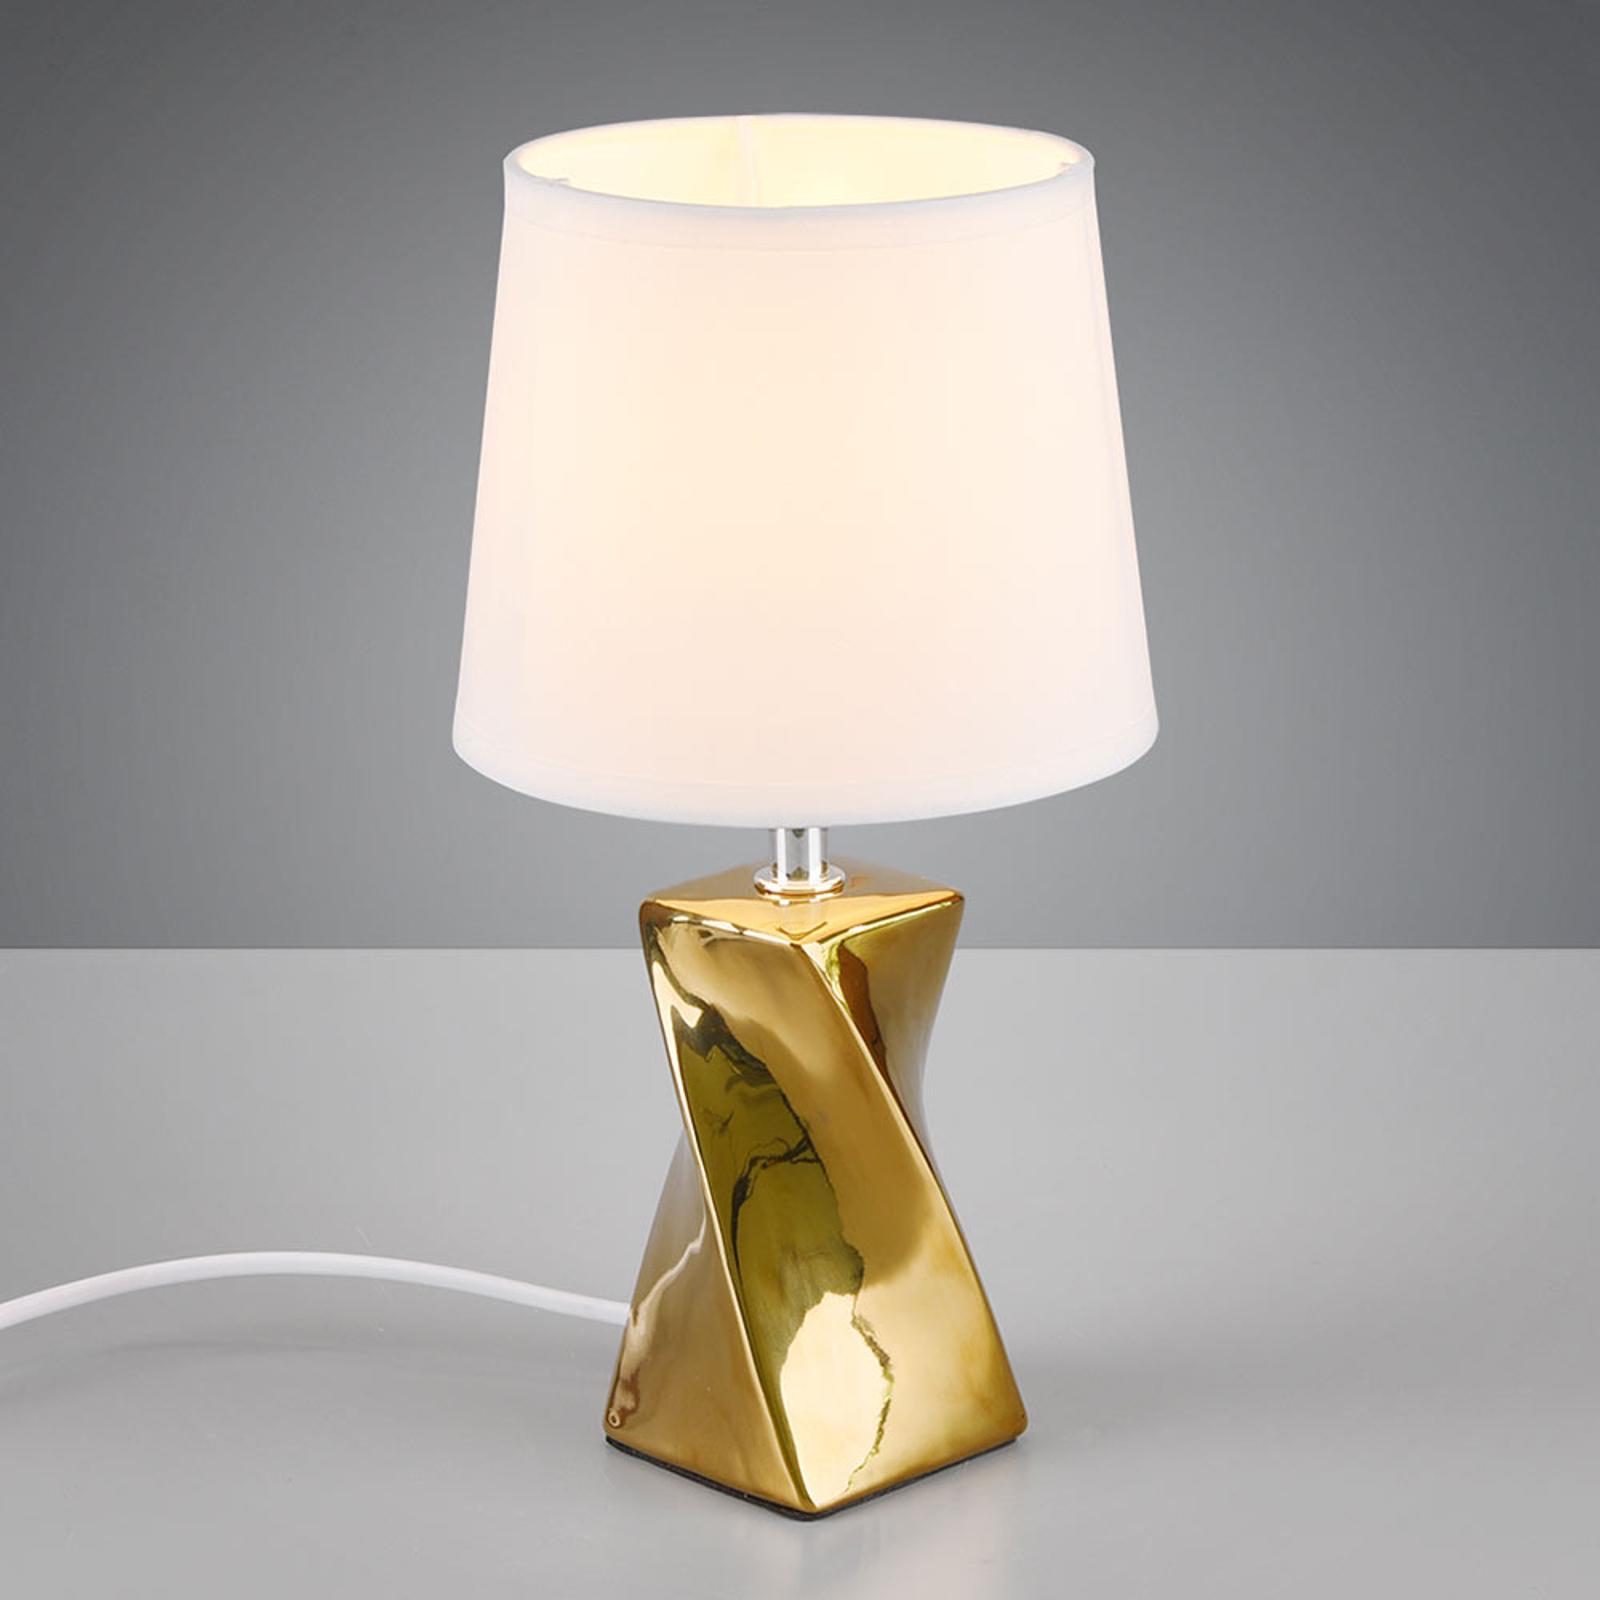 Pöytälamppu Abeba, Ø 15 cm, valkoinen-kulta